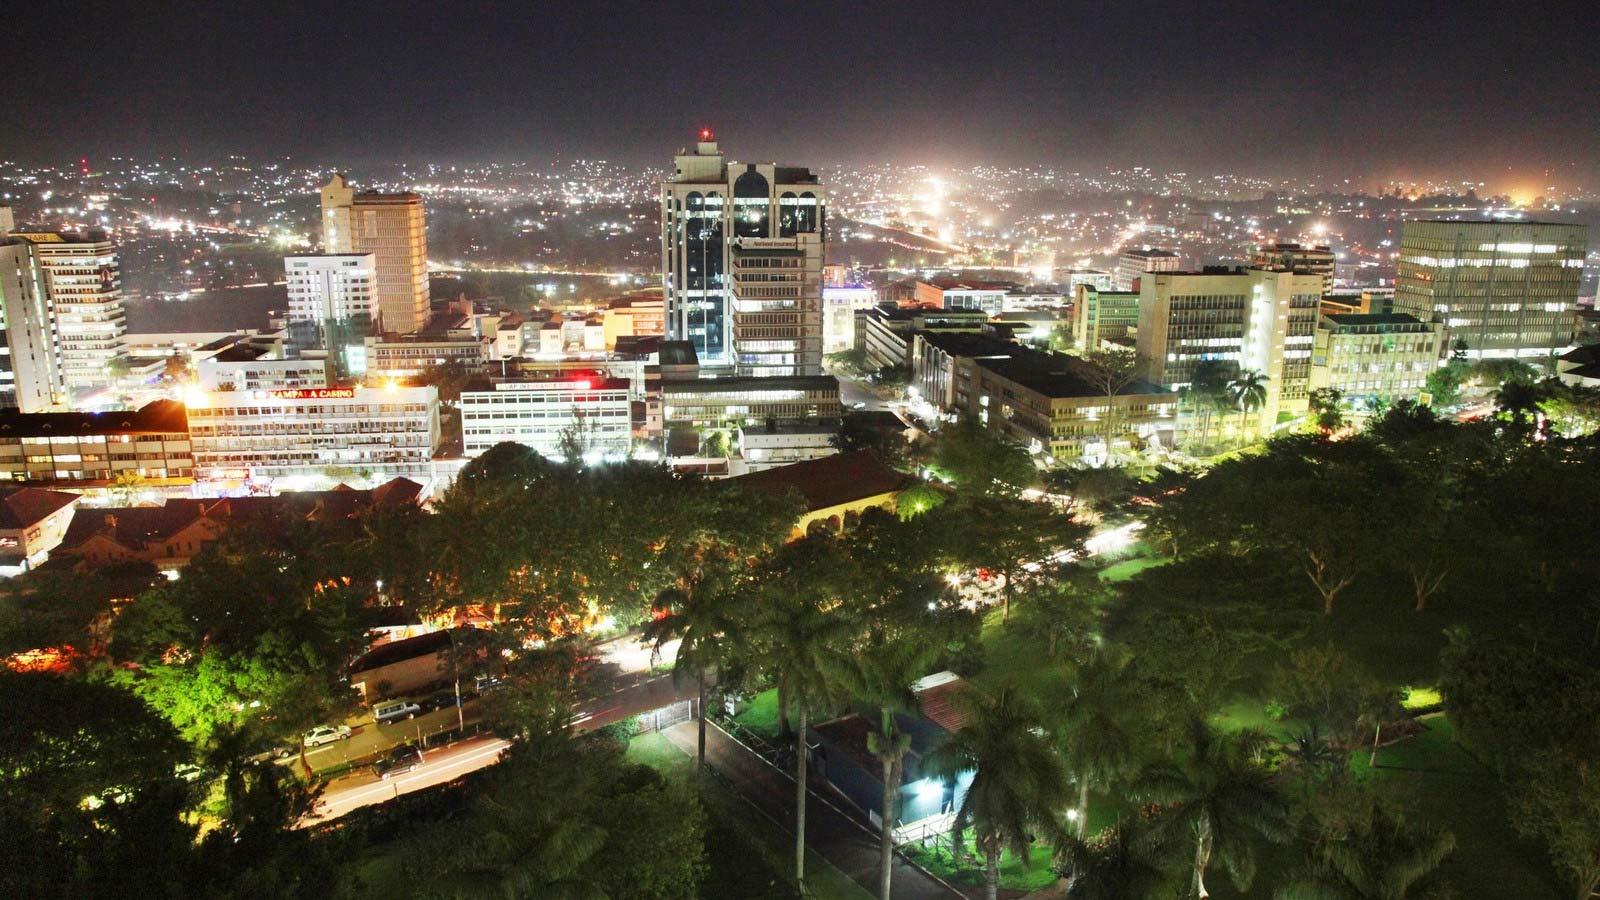 Sheraton Kampala Hotel City Night View